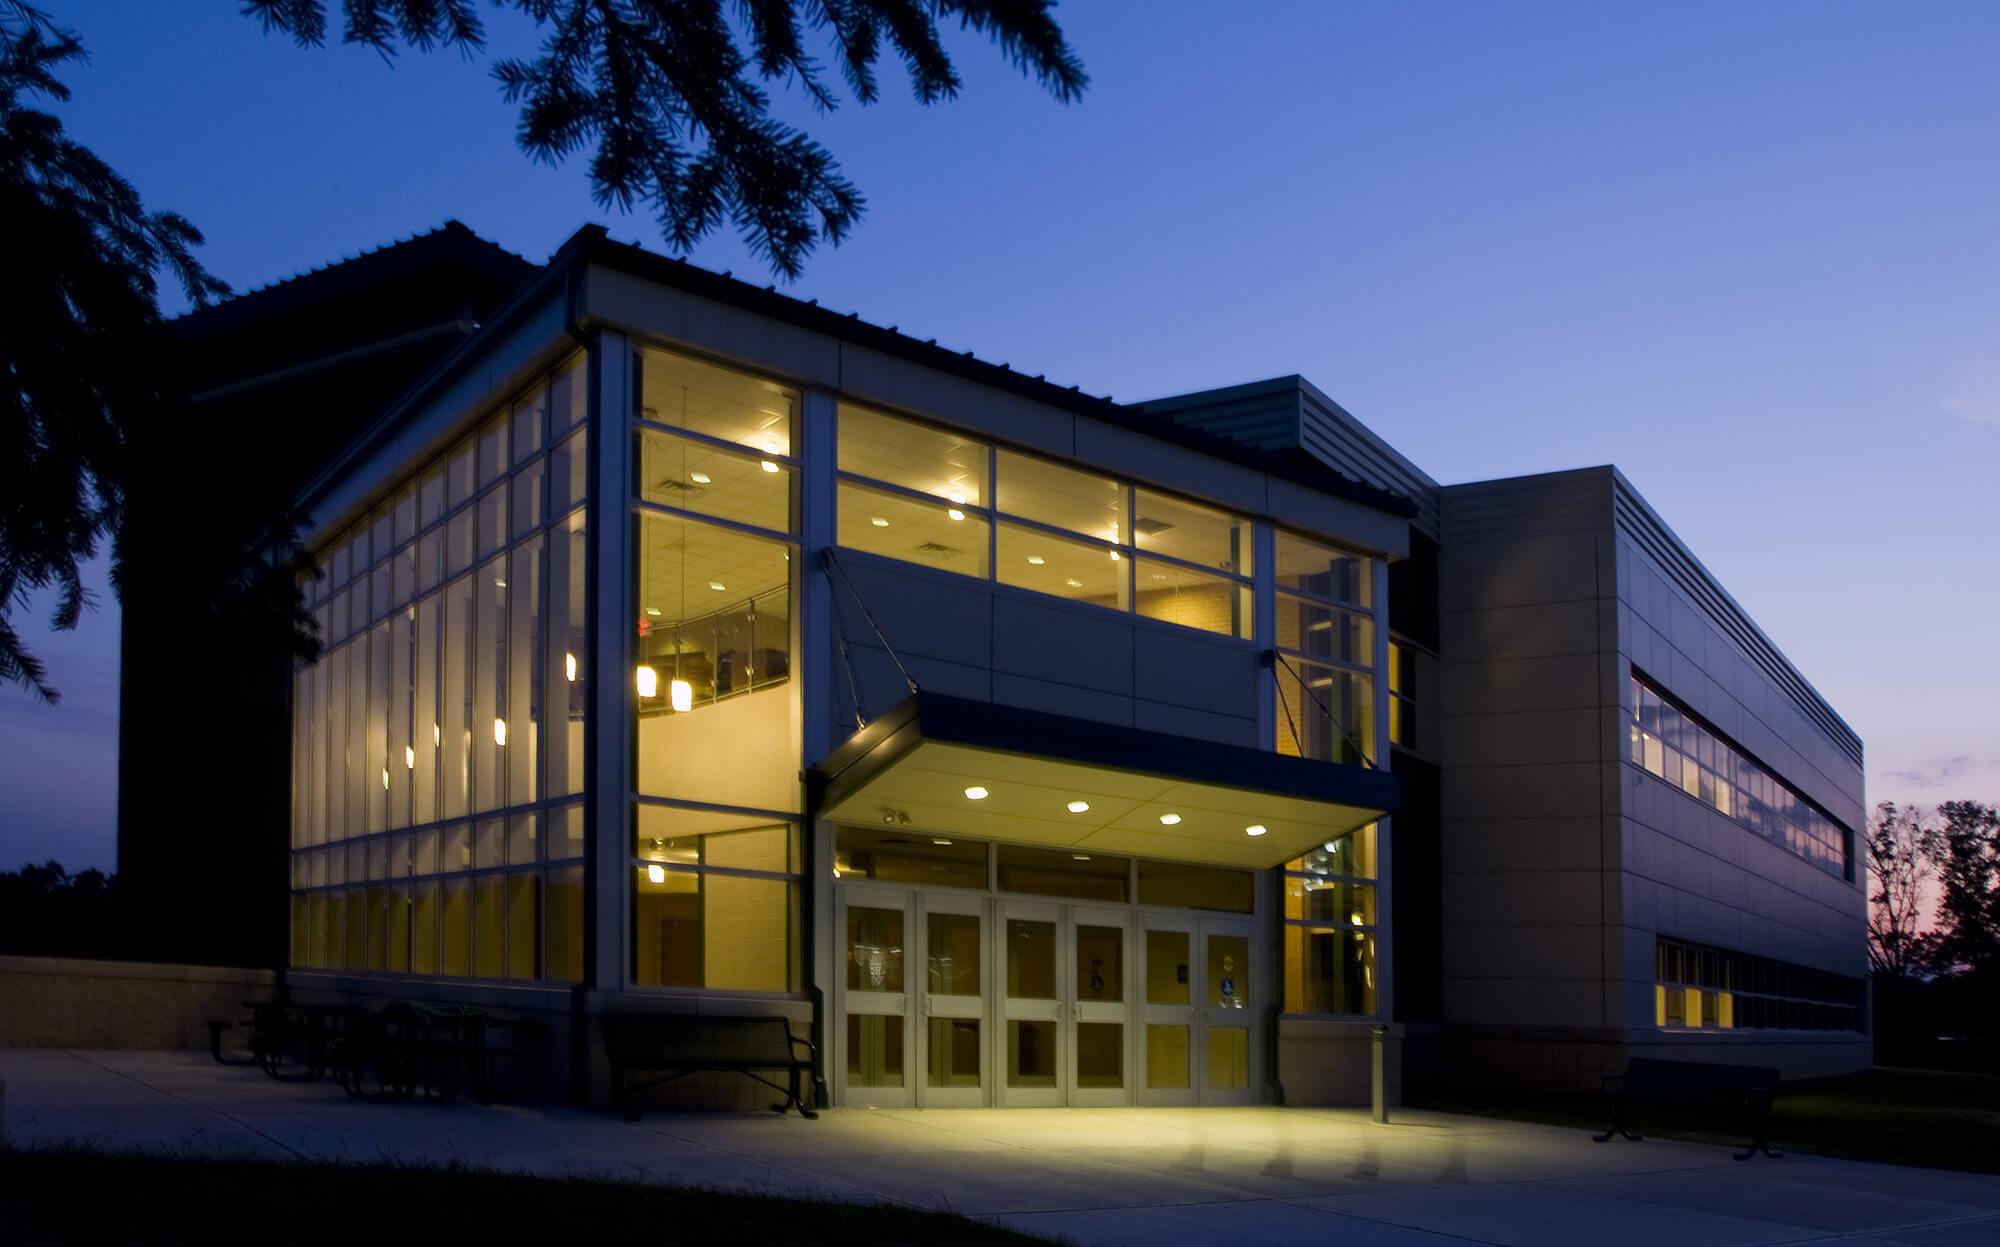 Community College Architecture 1